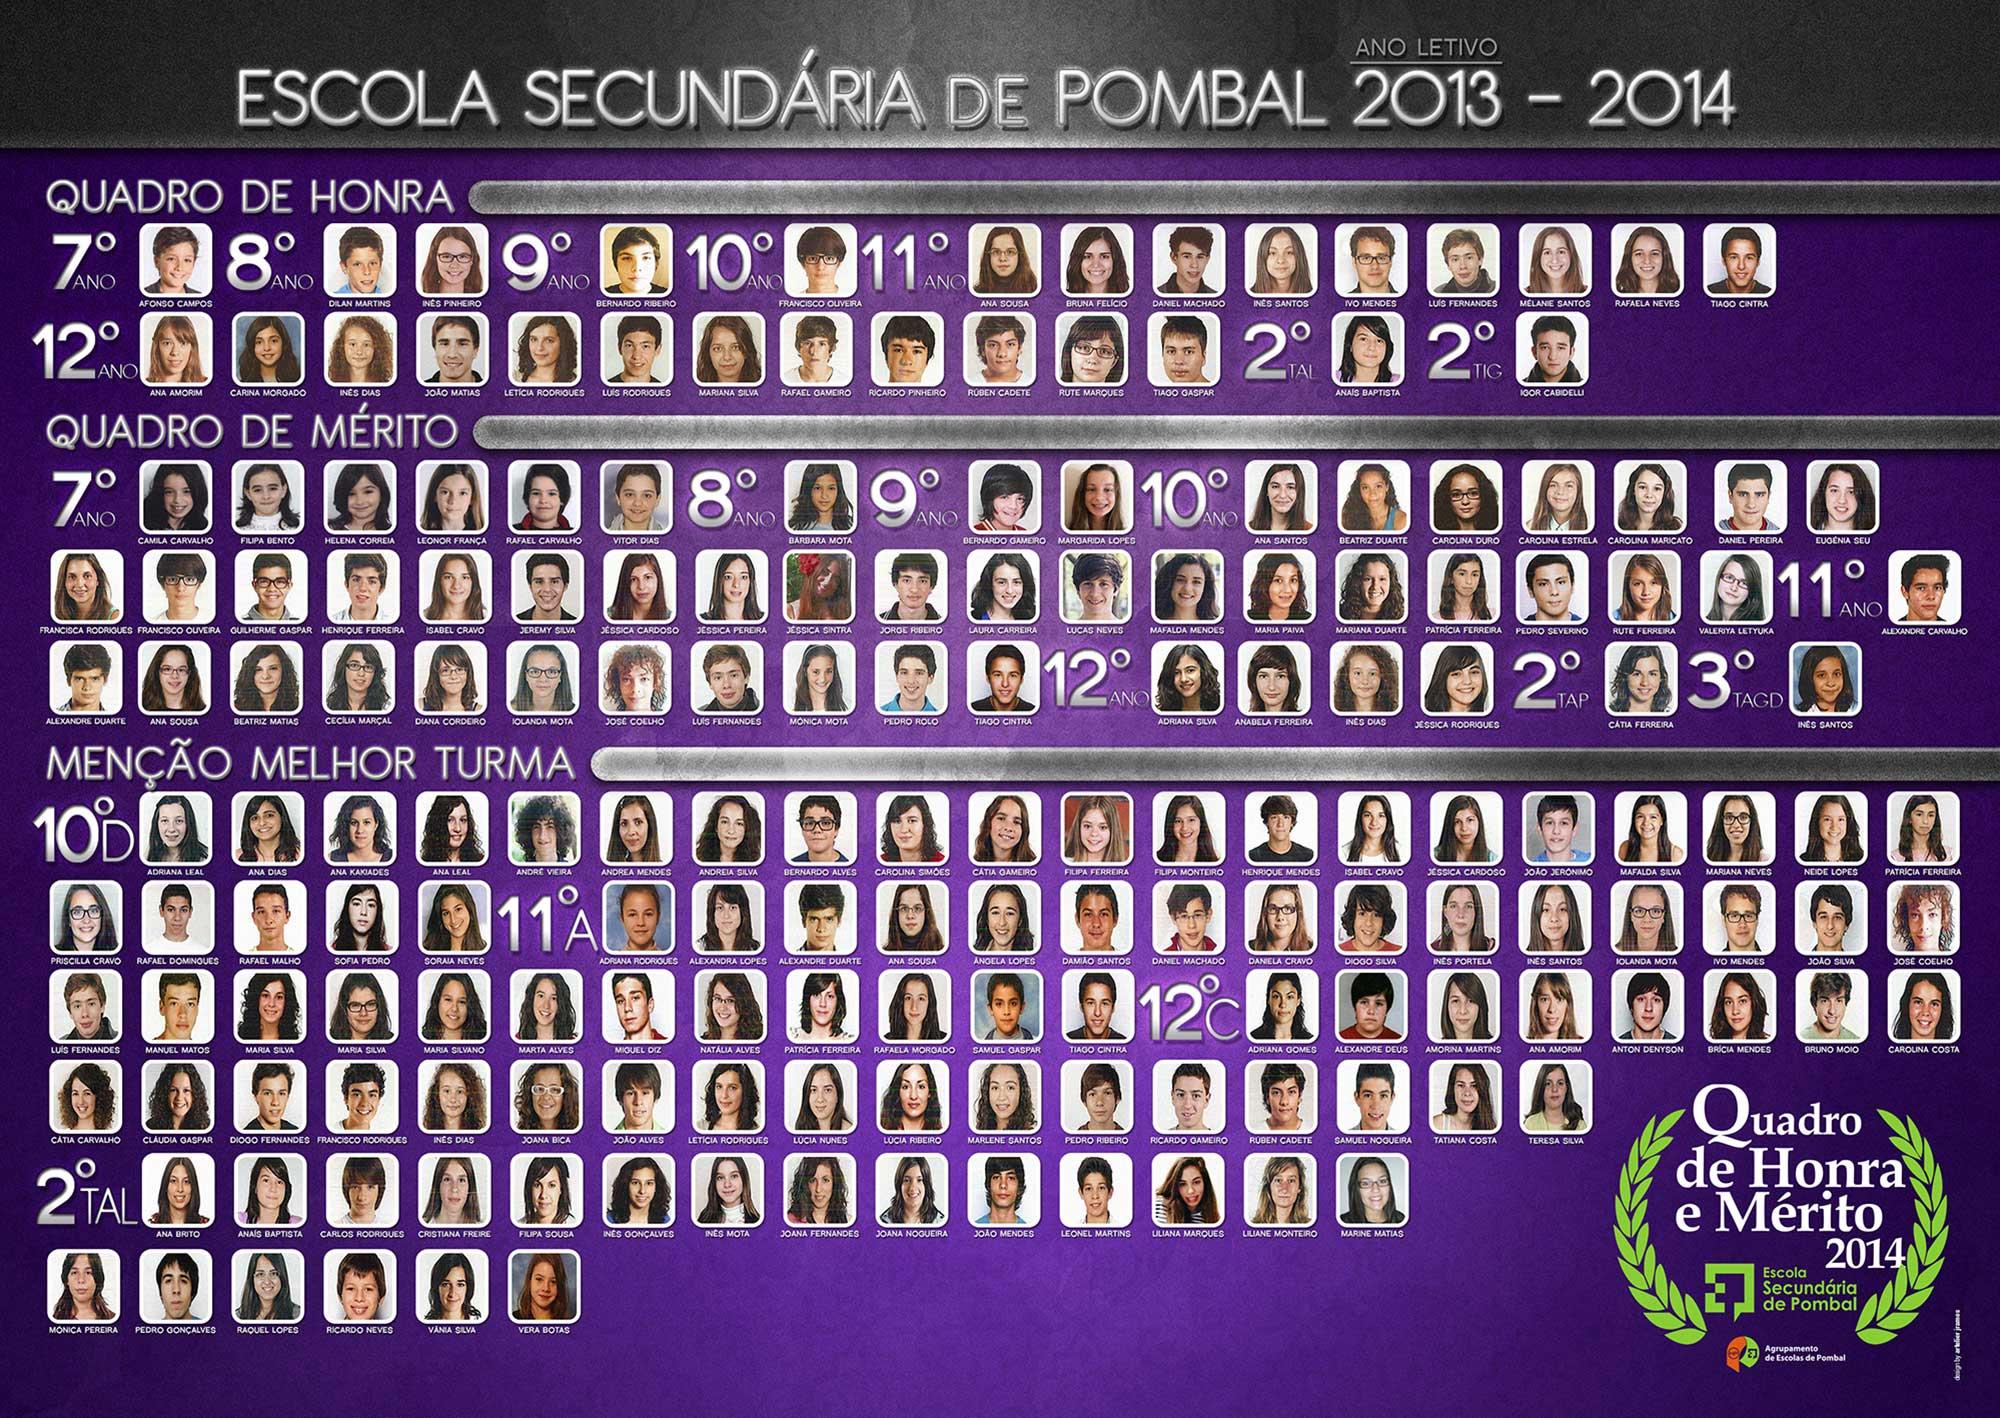 Honra Mérito 2014 (Quadro)